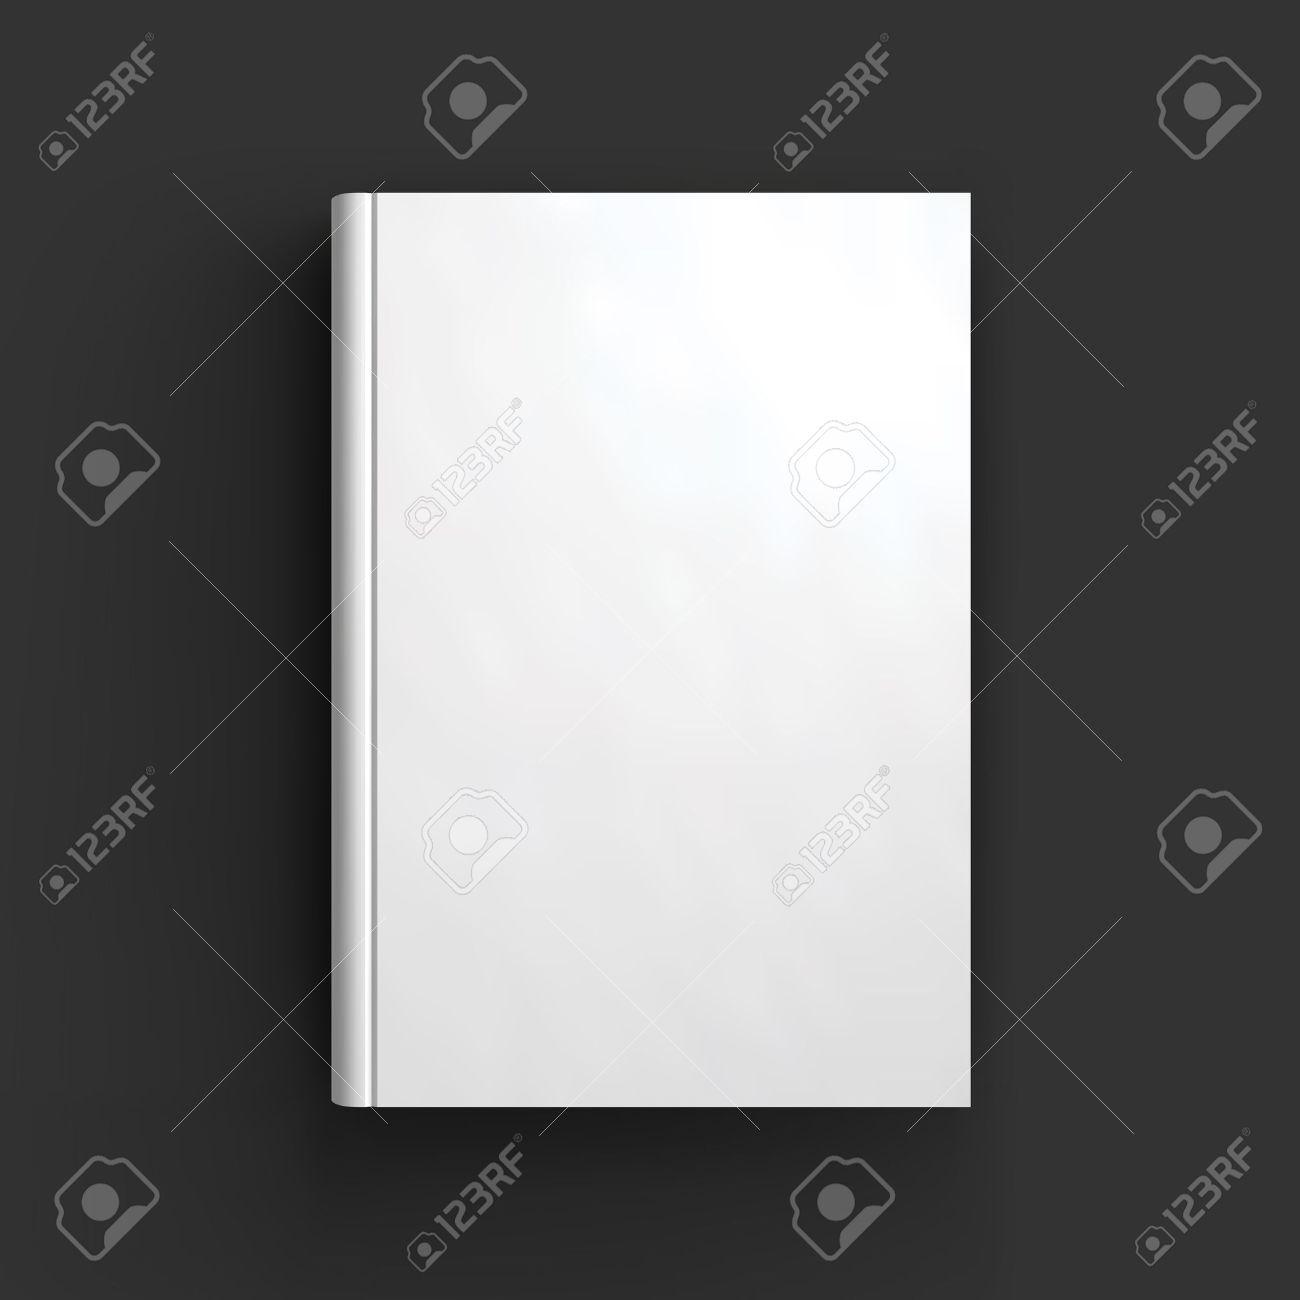 Blank Buch, Lehrbuch, Broschüre Oder Notebook Mockup. Objekt Für ...